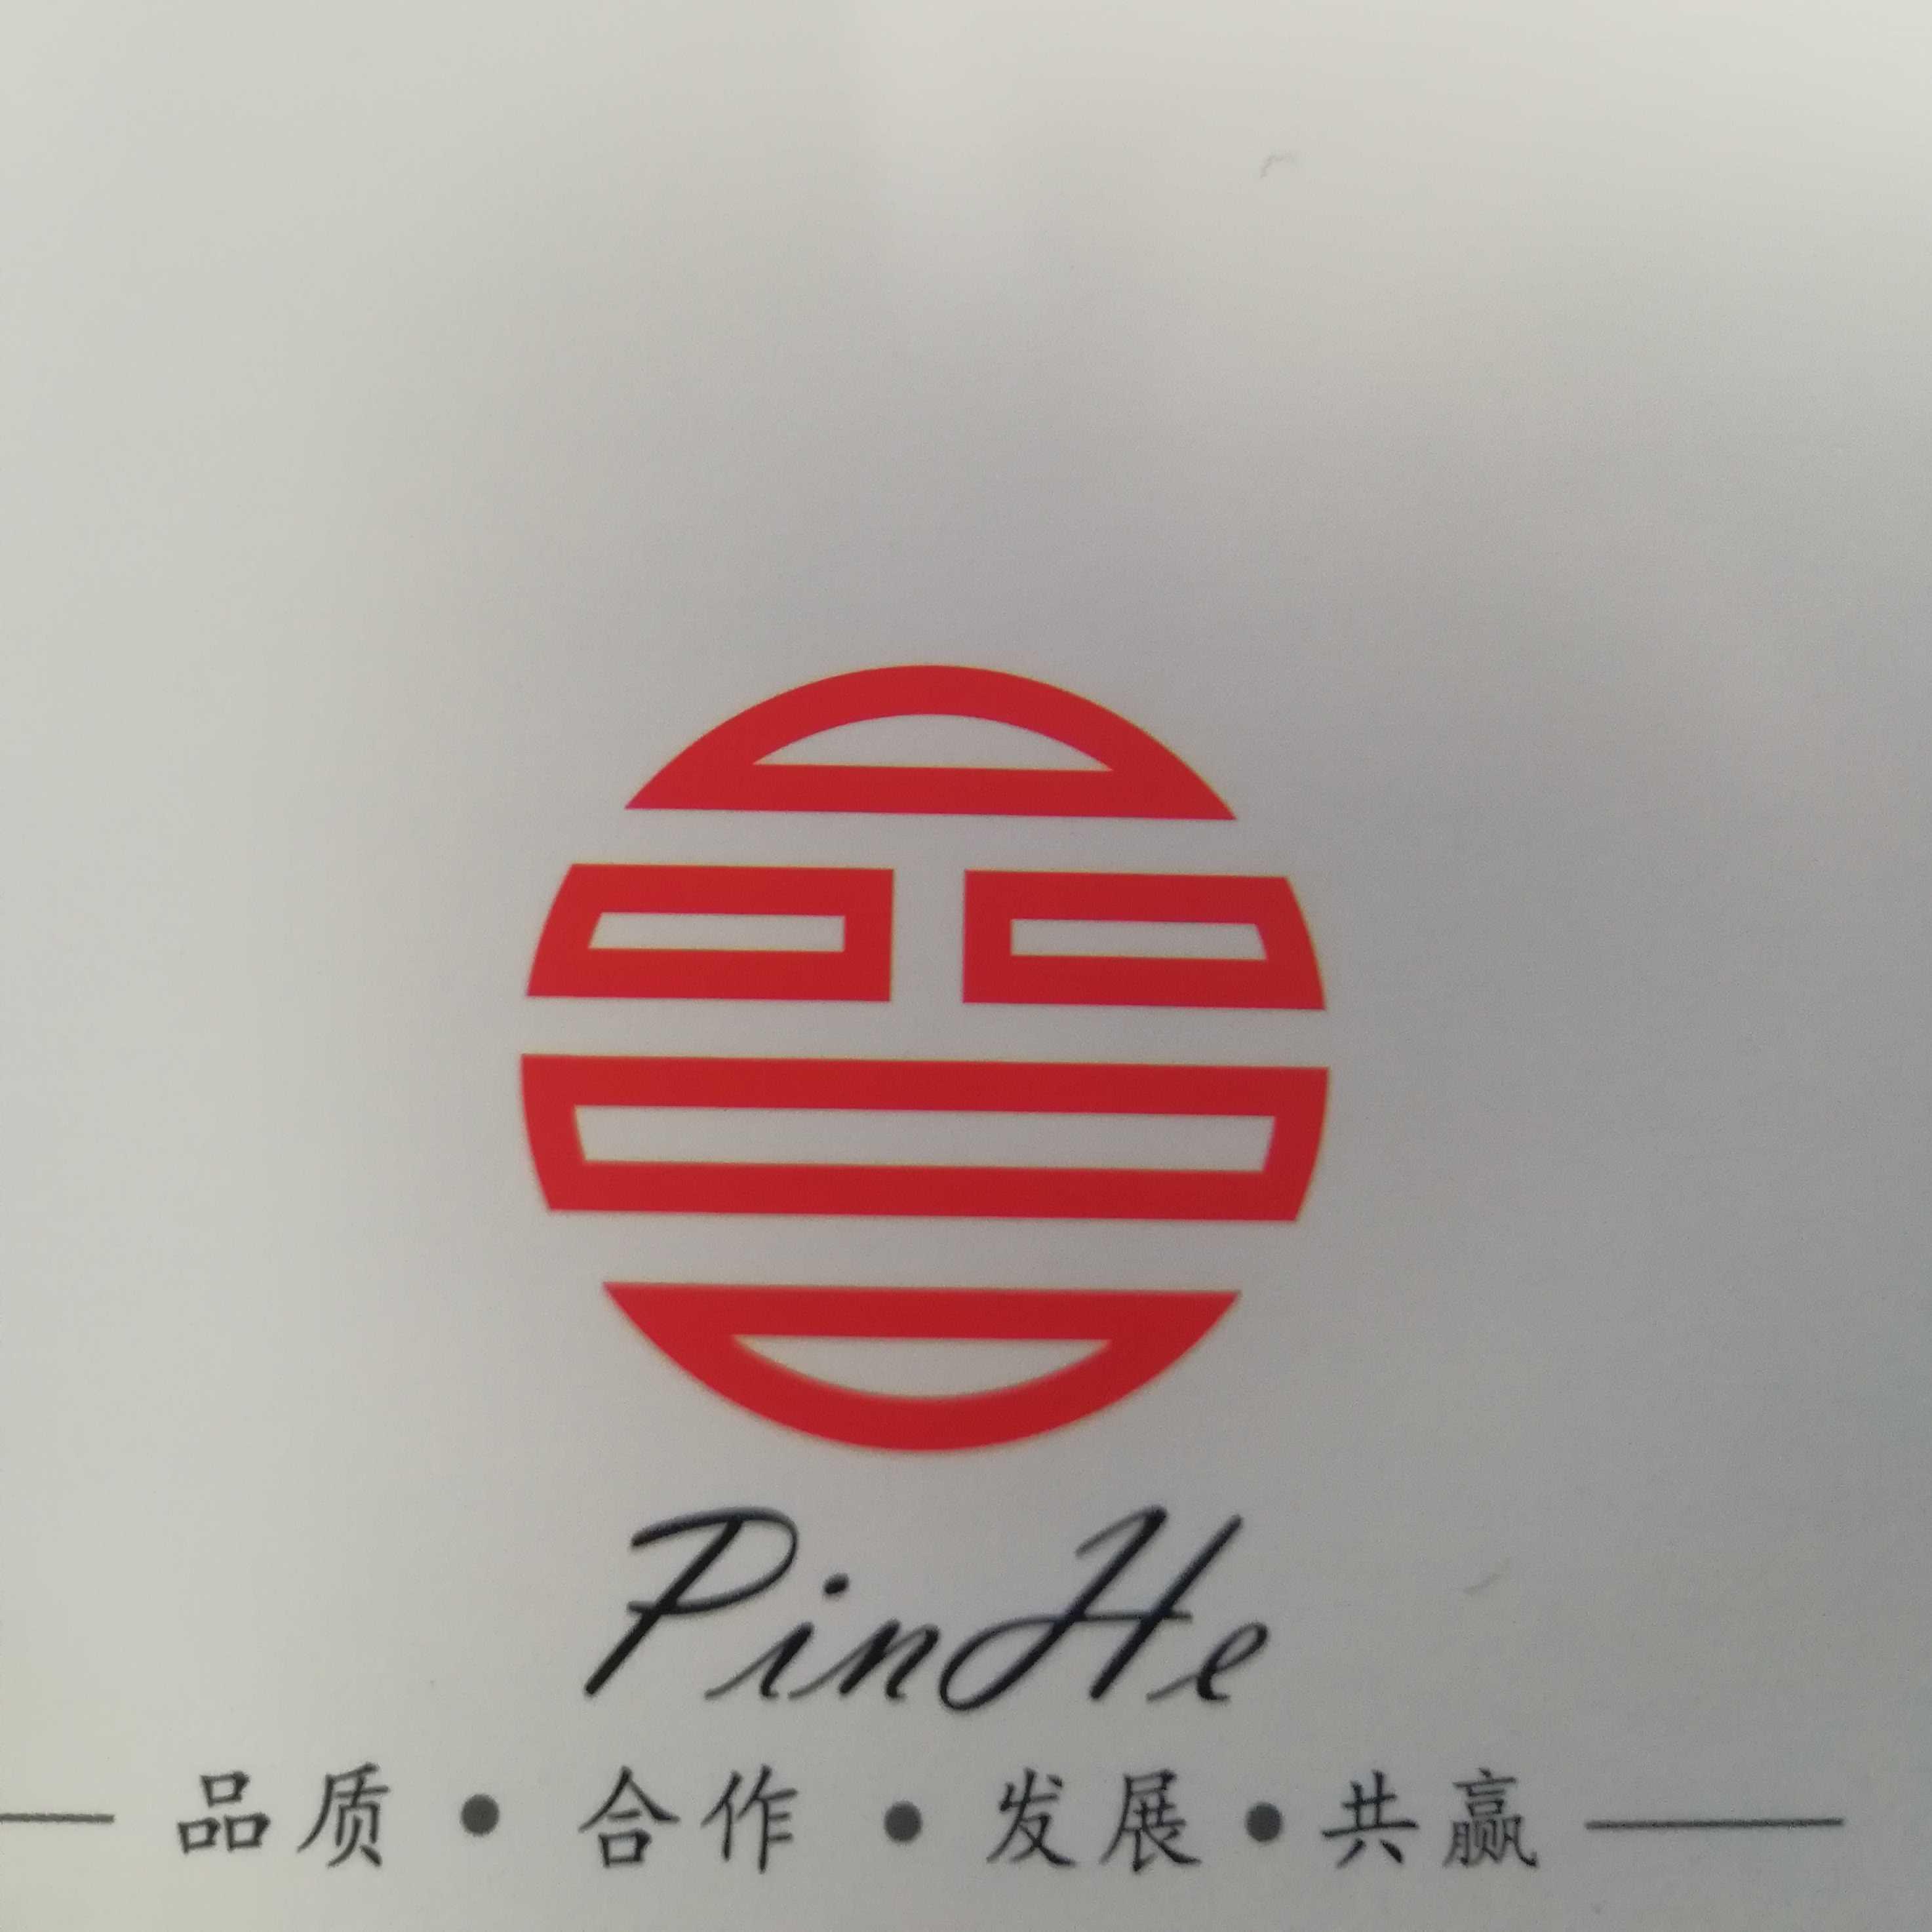 上海品合石业有限公司